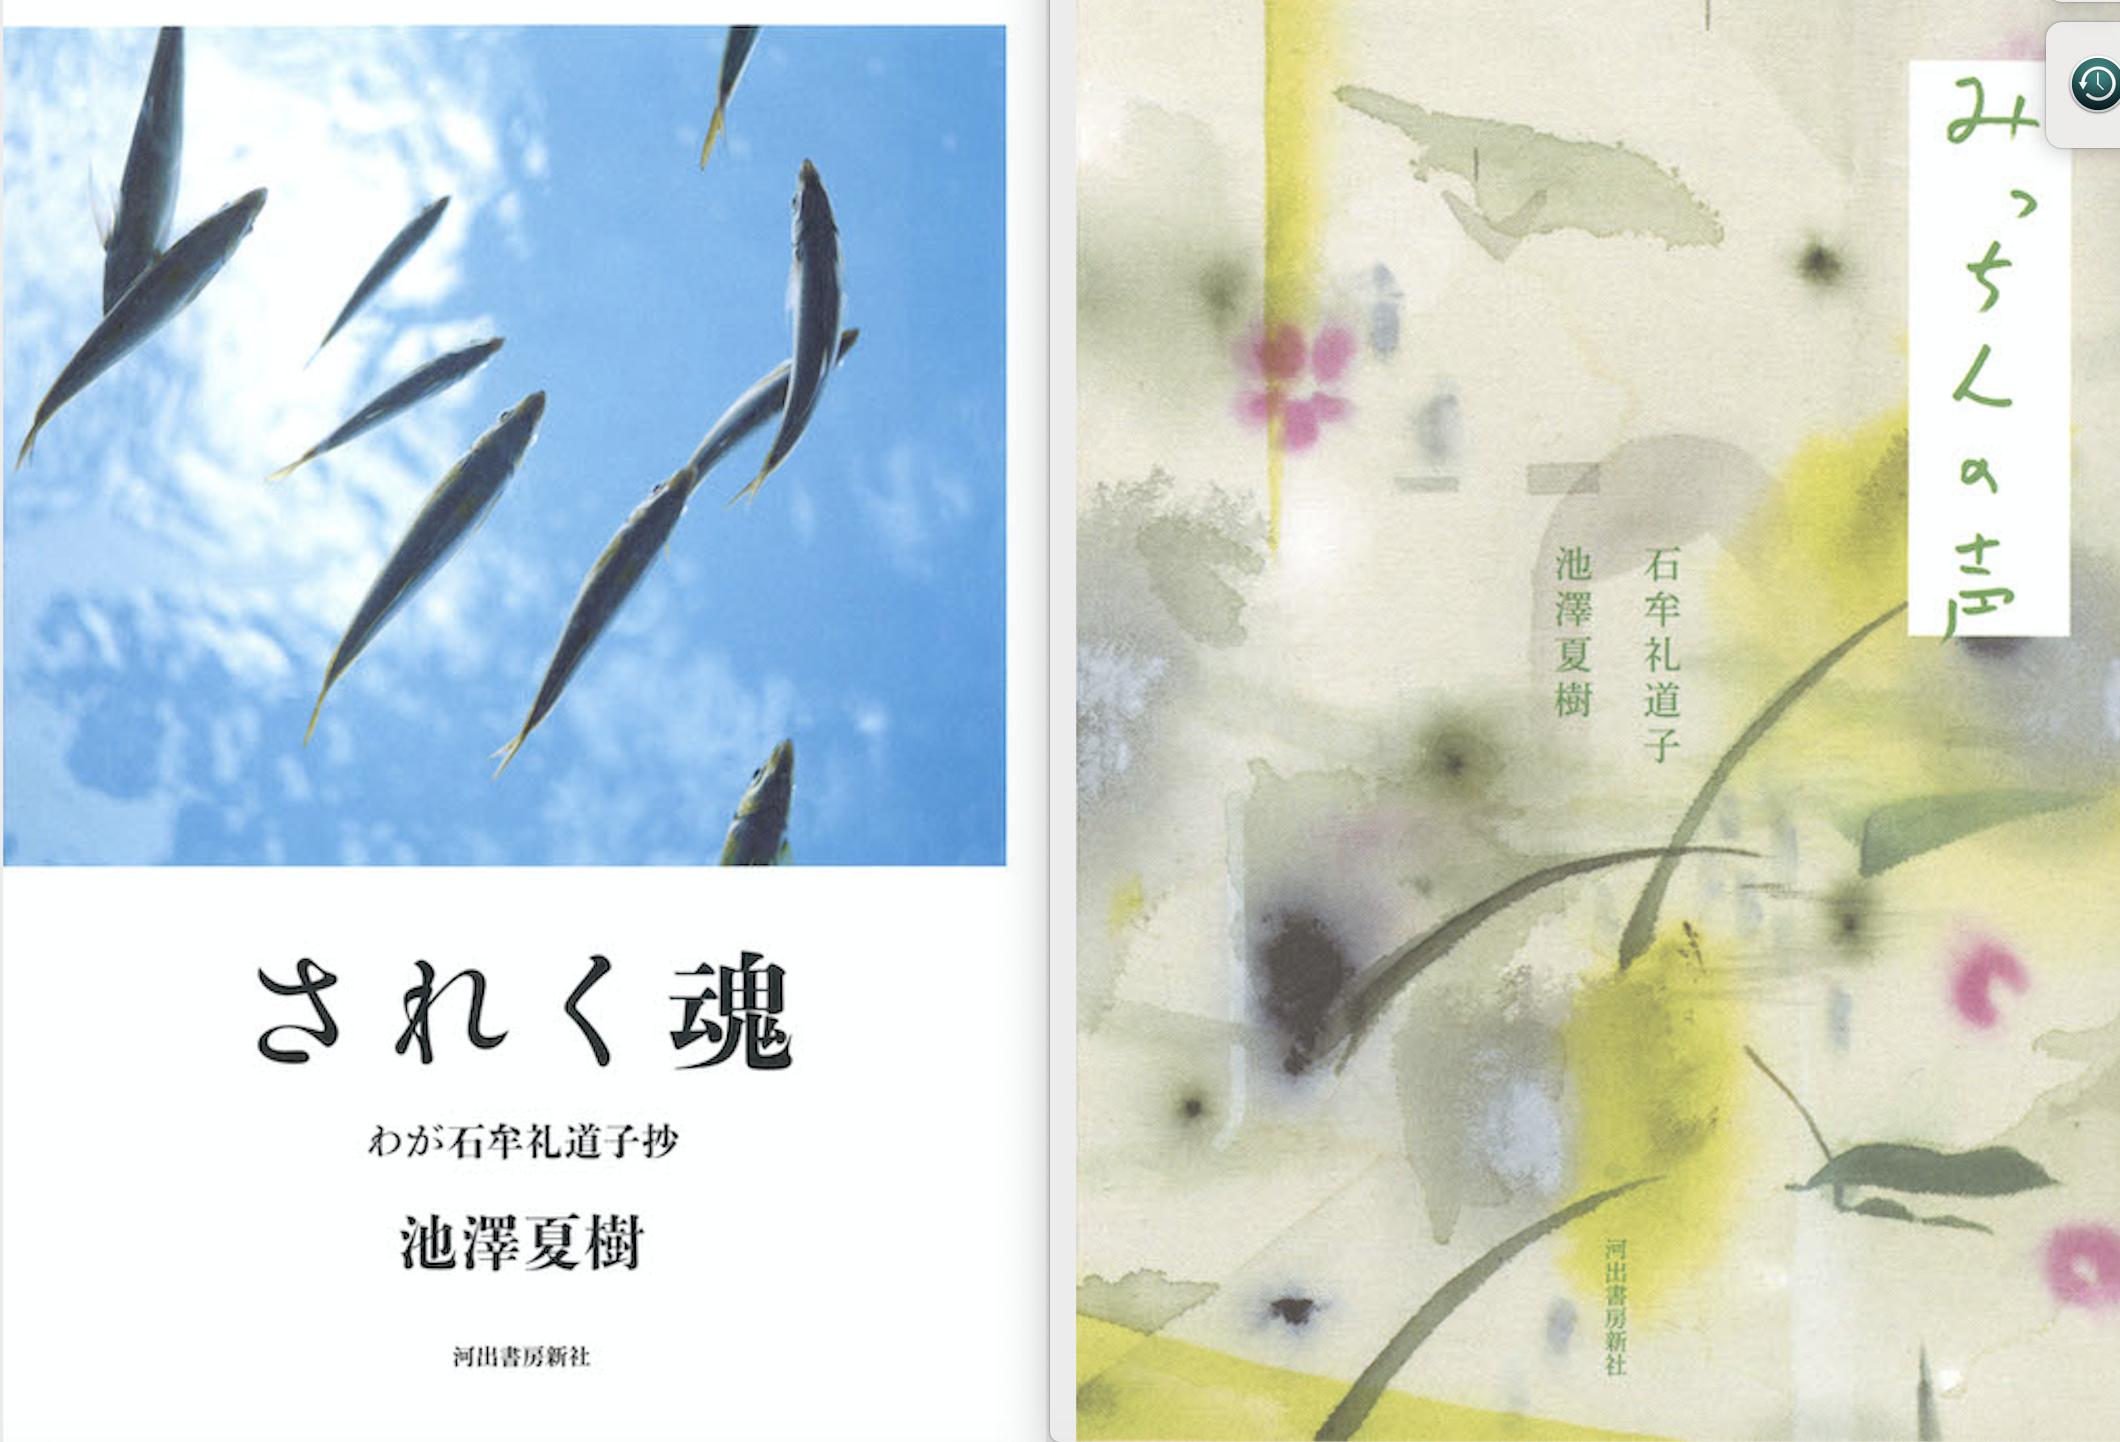 3年目の石牟礼道子追悼の2冊